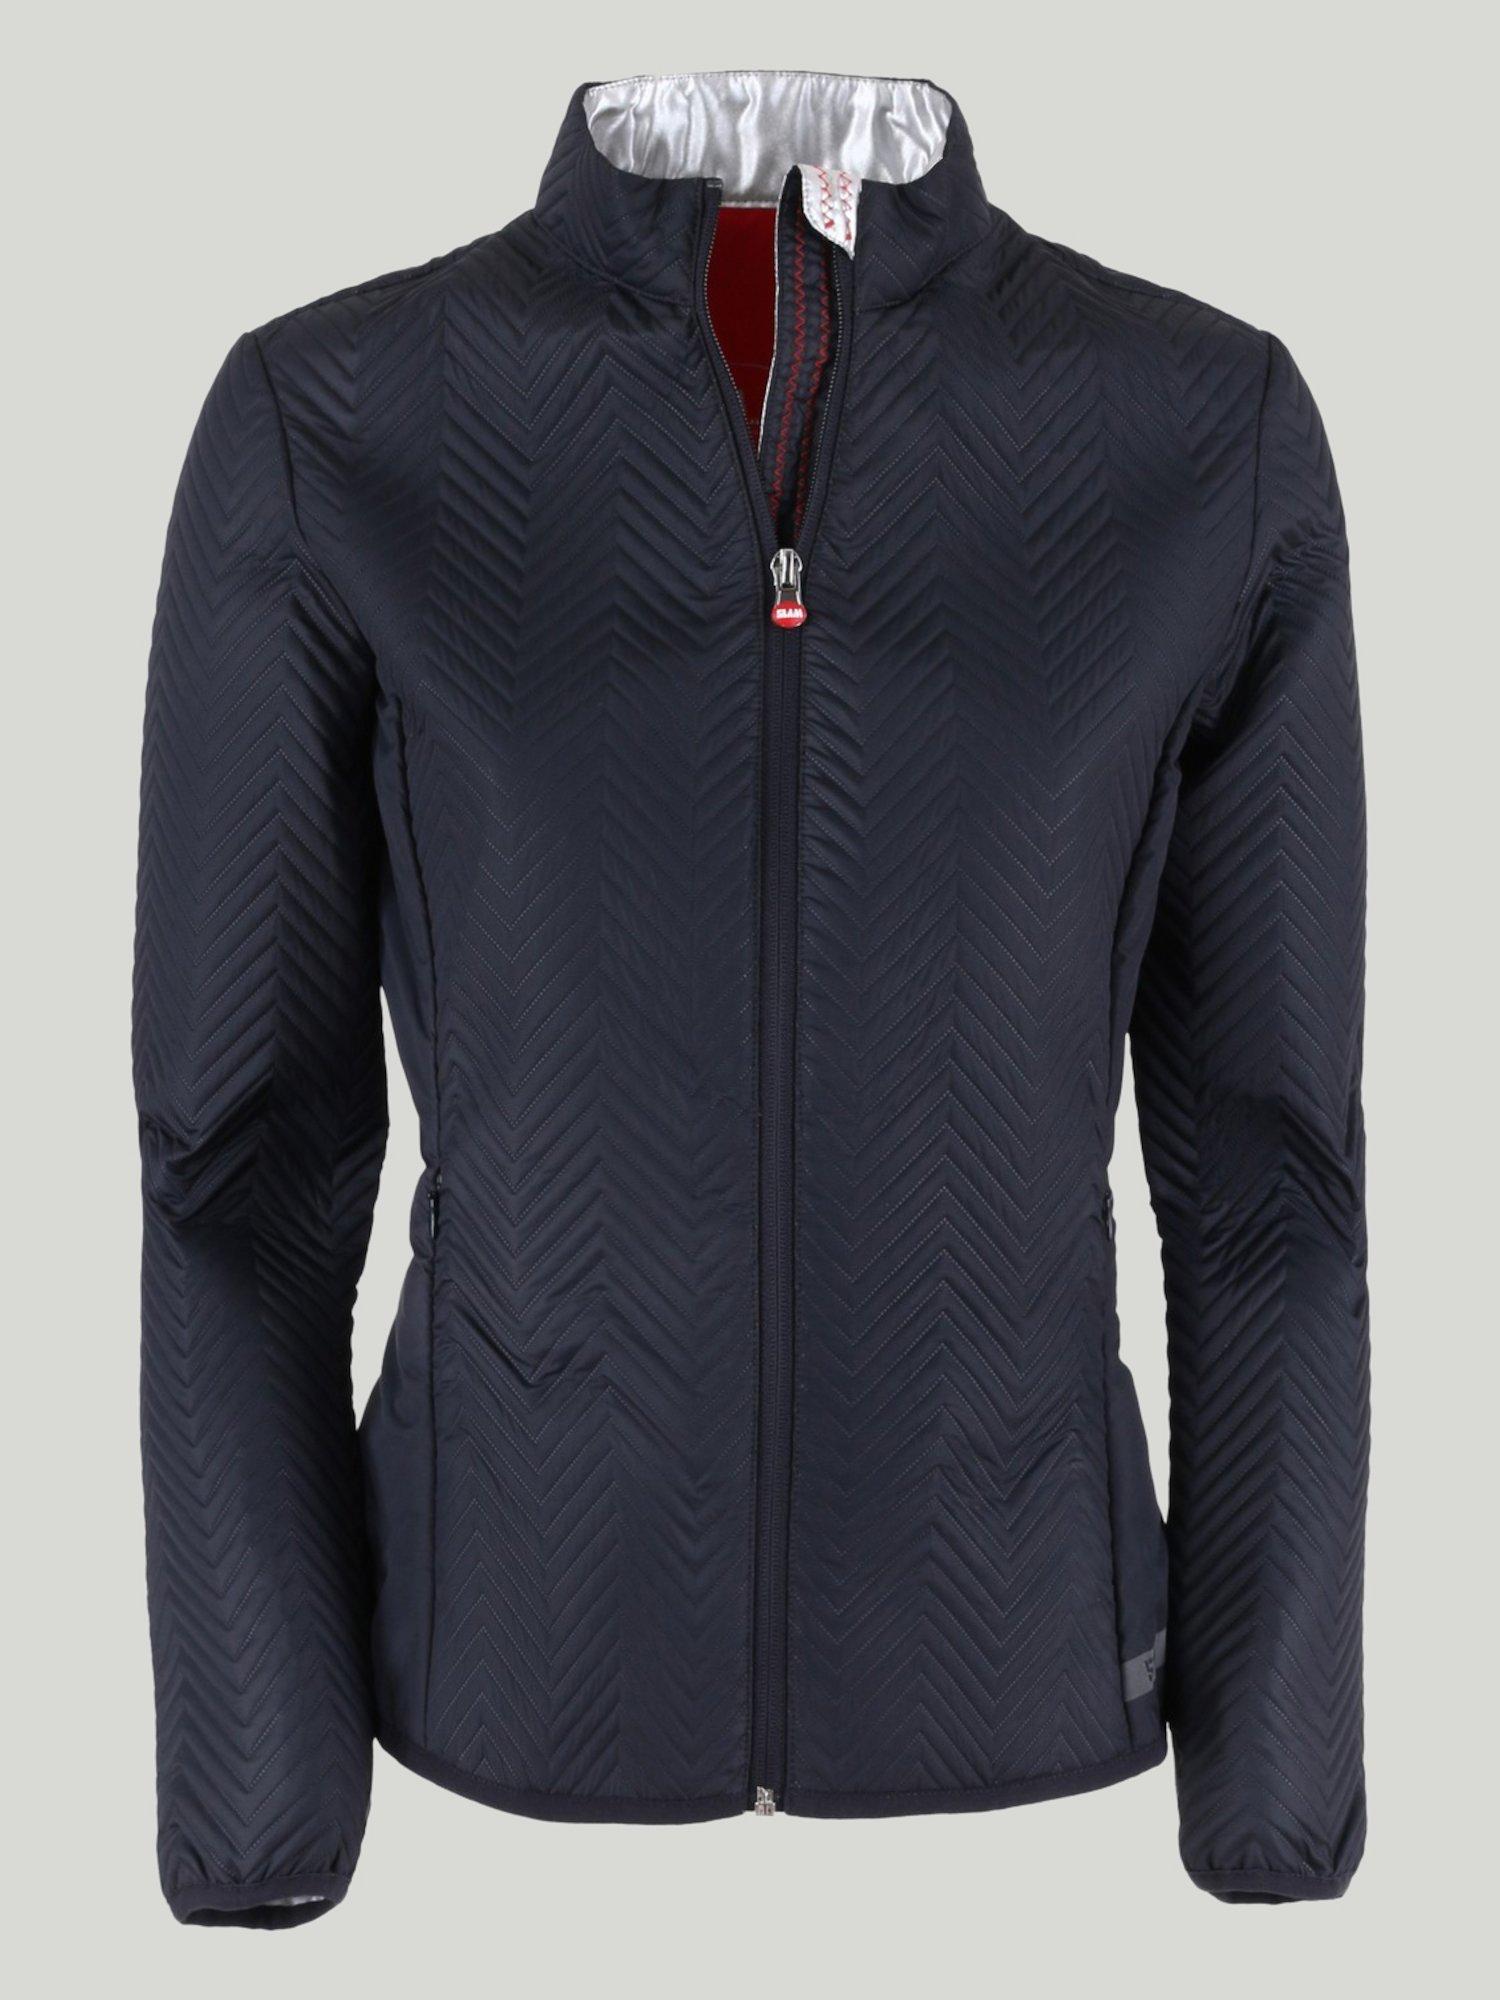 Jacket Shroud (MRW) - Navy